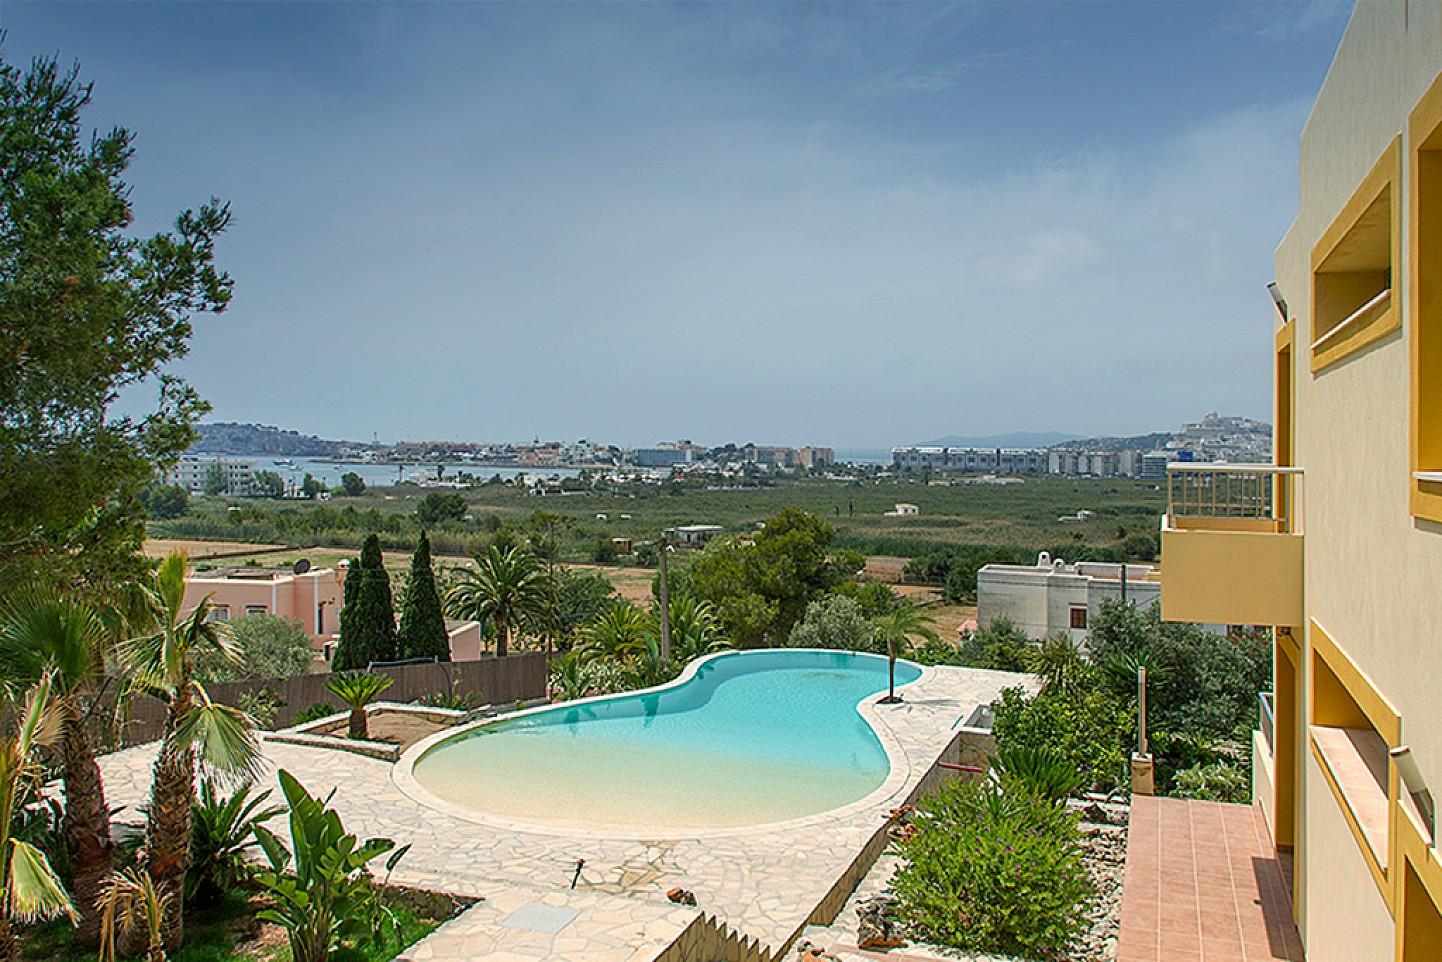 Vistas exteriores de la casa con la gran piscina